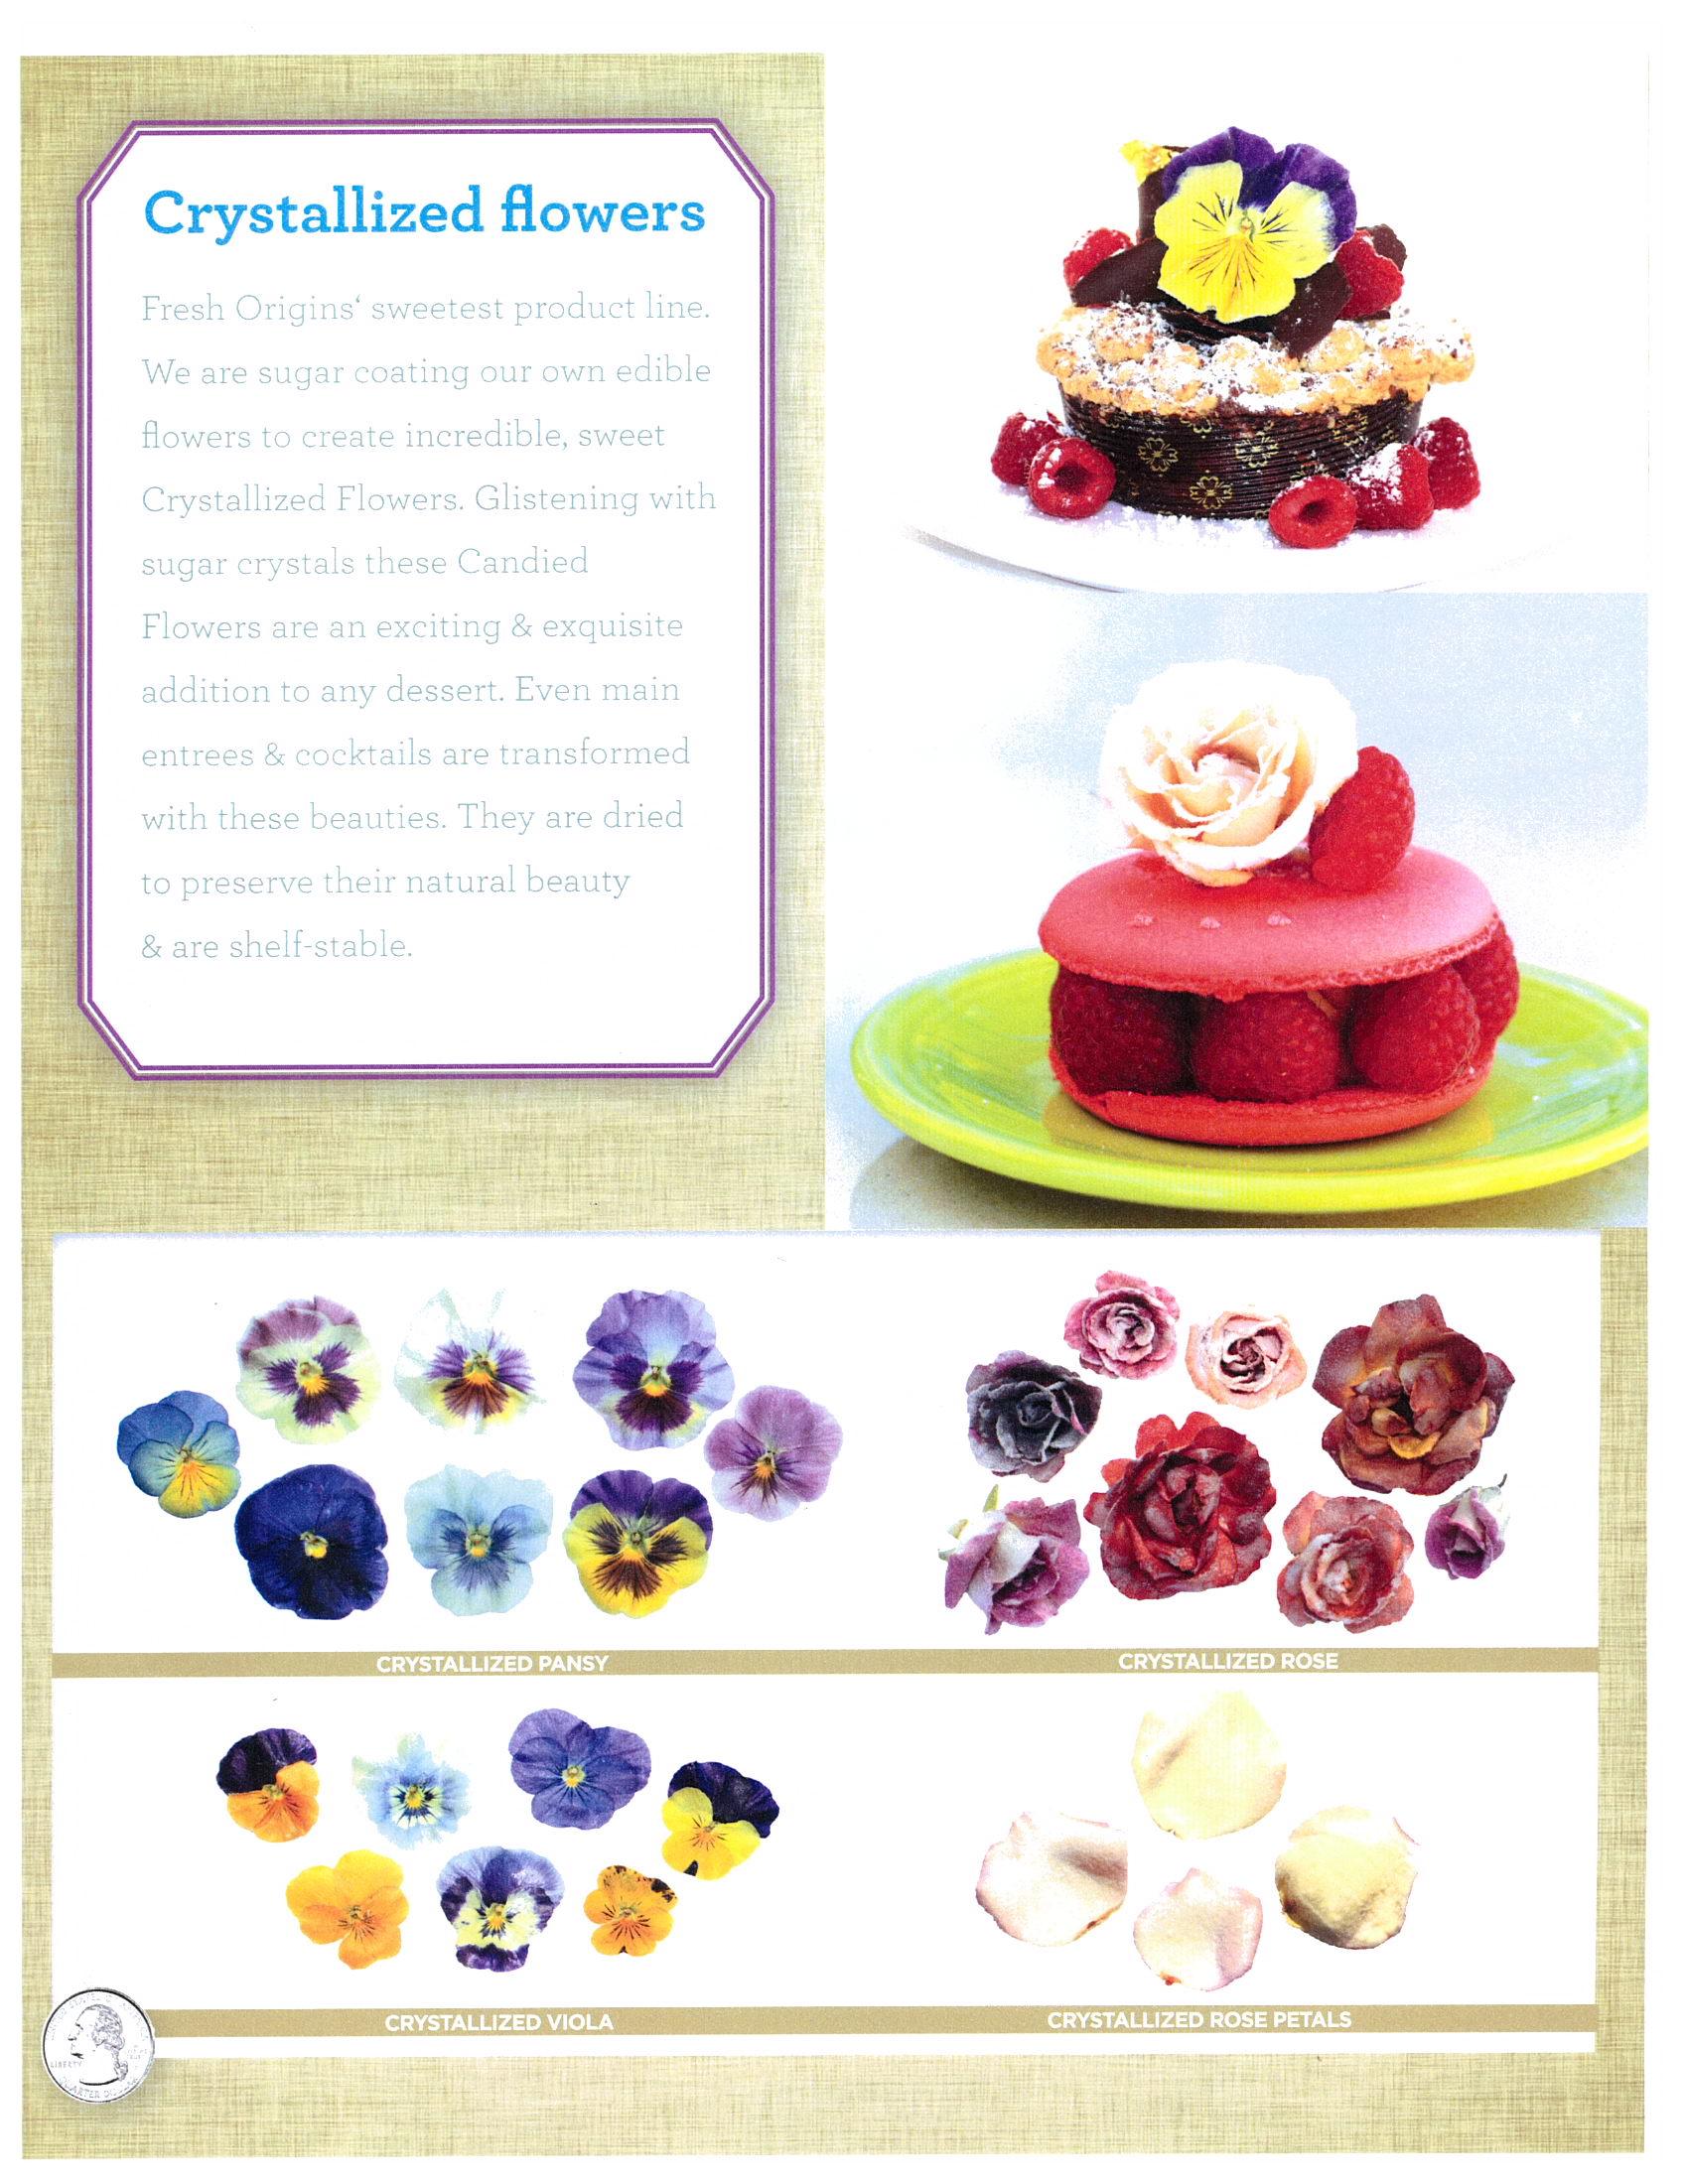 edible flowers_Page_5.jpg